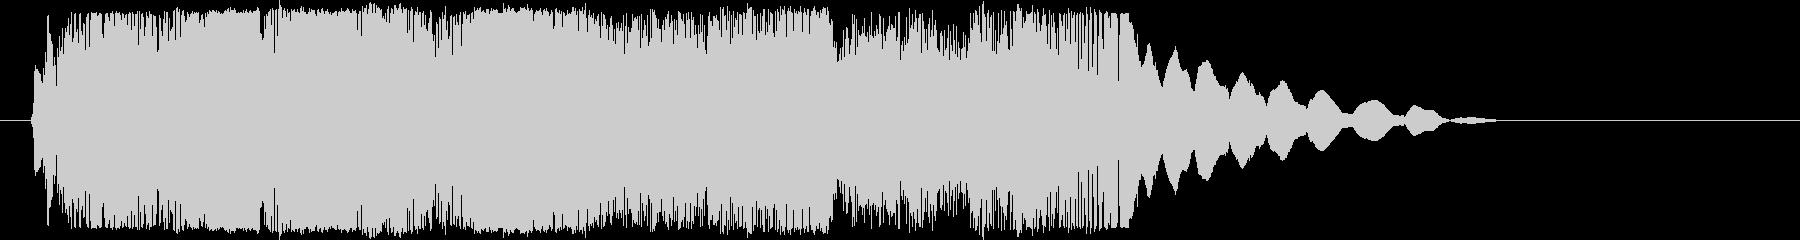 DJ,ラジオ,映像,クリエイター様に11の未再生の波形